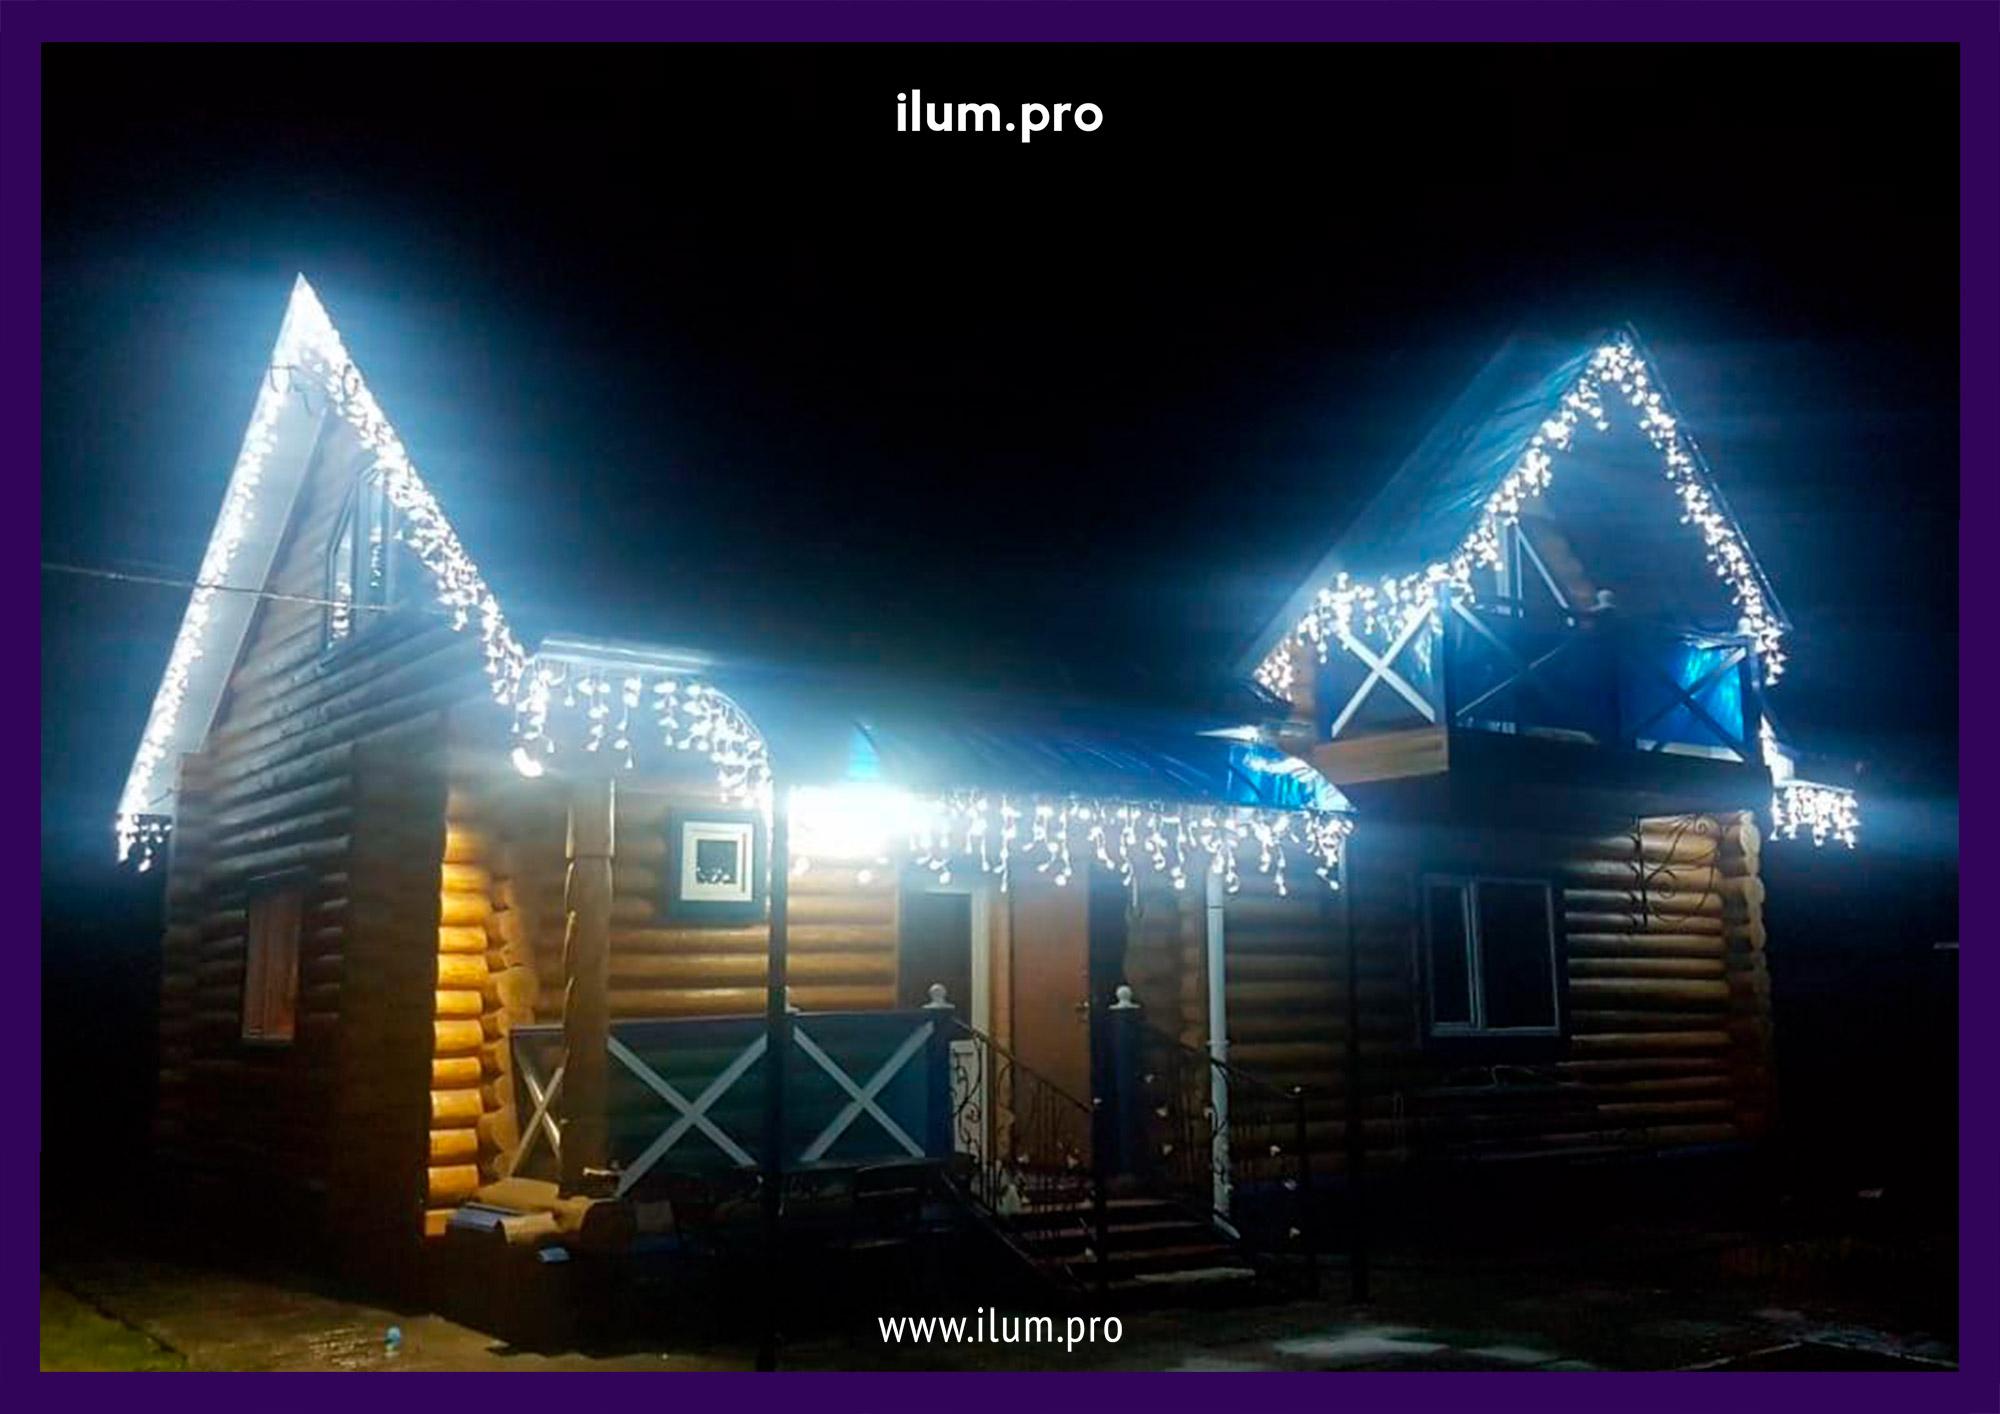 Новогодняя иллюминация на крыше дачи в Пушкинском районе